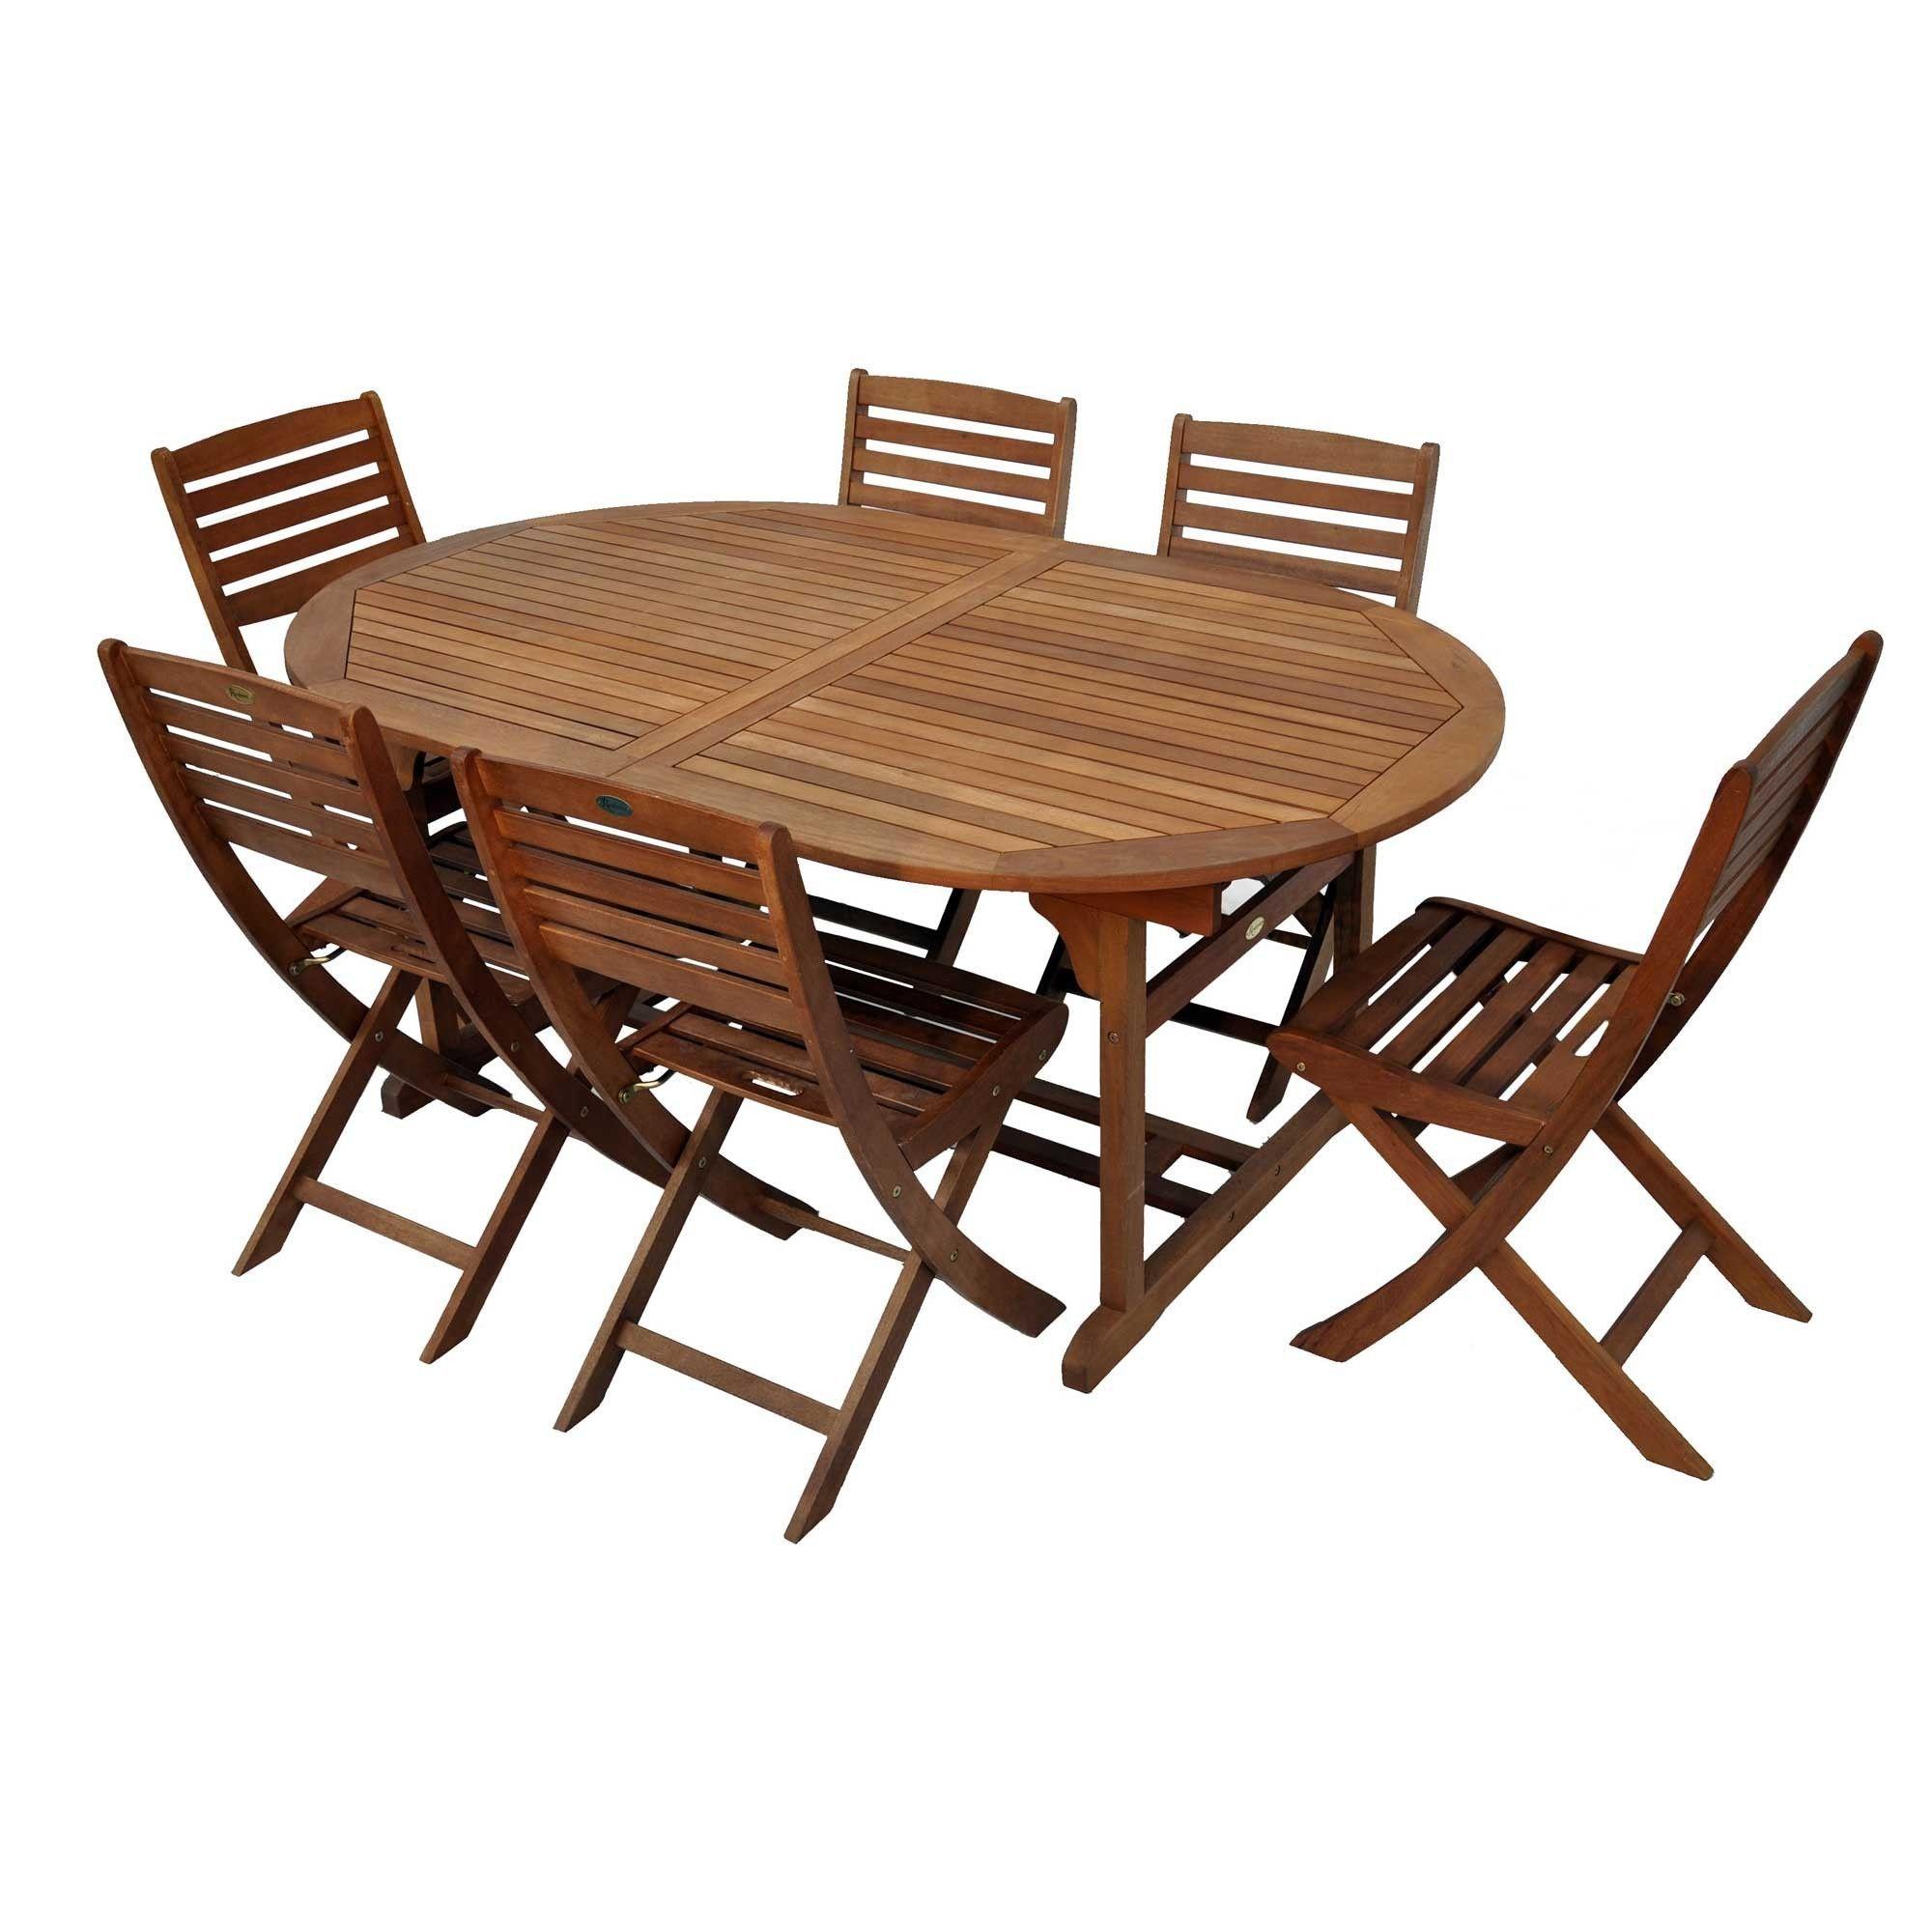 Table Pliante Jardin Pas Cher Salon De Jardin Pas Cher ... concernant Table De Jardin Pliante Carrefour